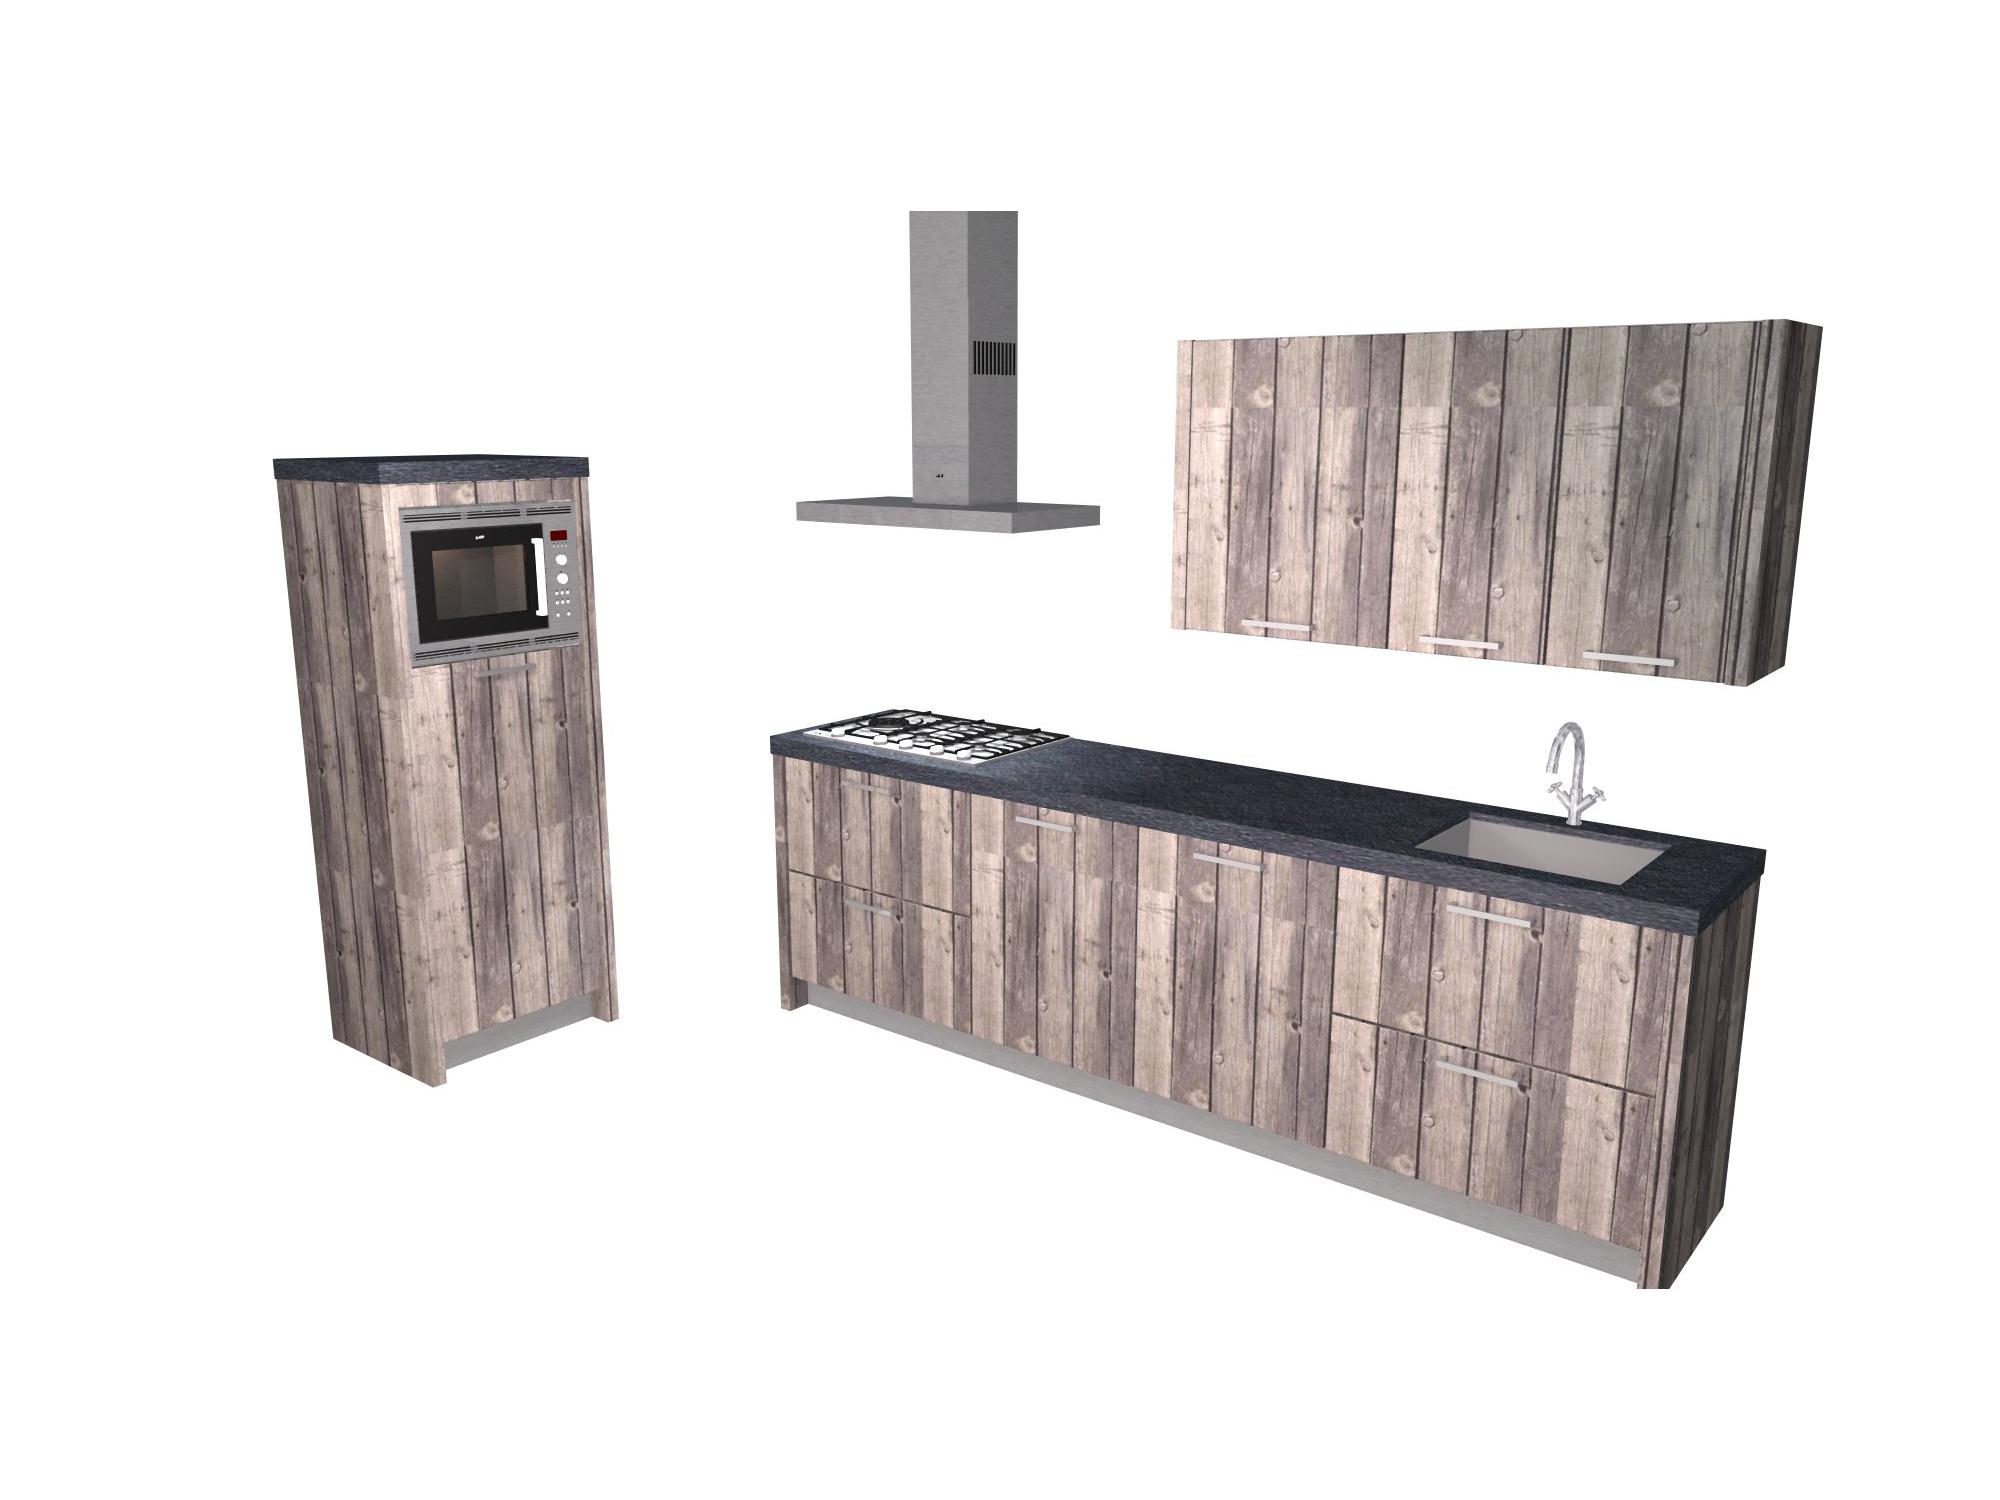 Keuken Steigerhout Kind : F?RN Keukens Rechte keuken met steigerhout en beton